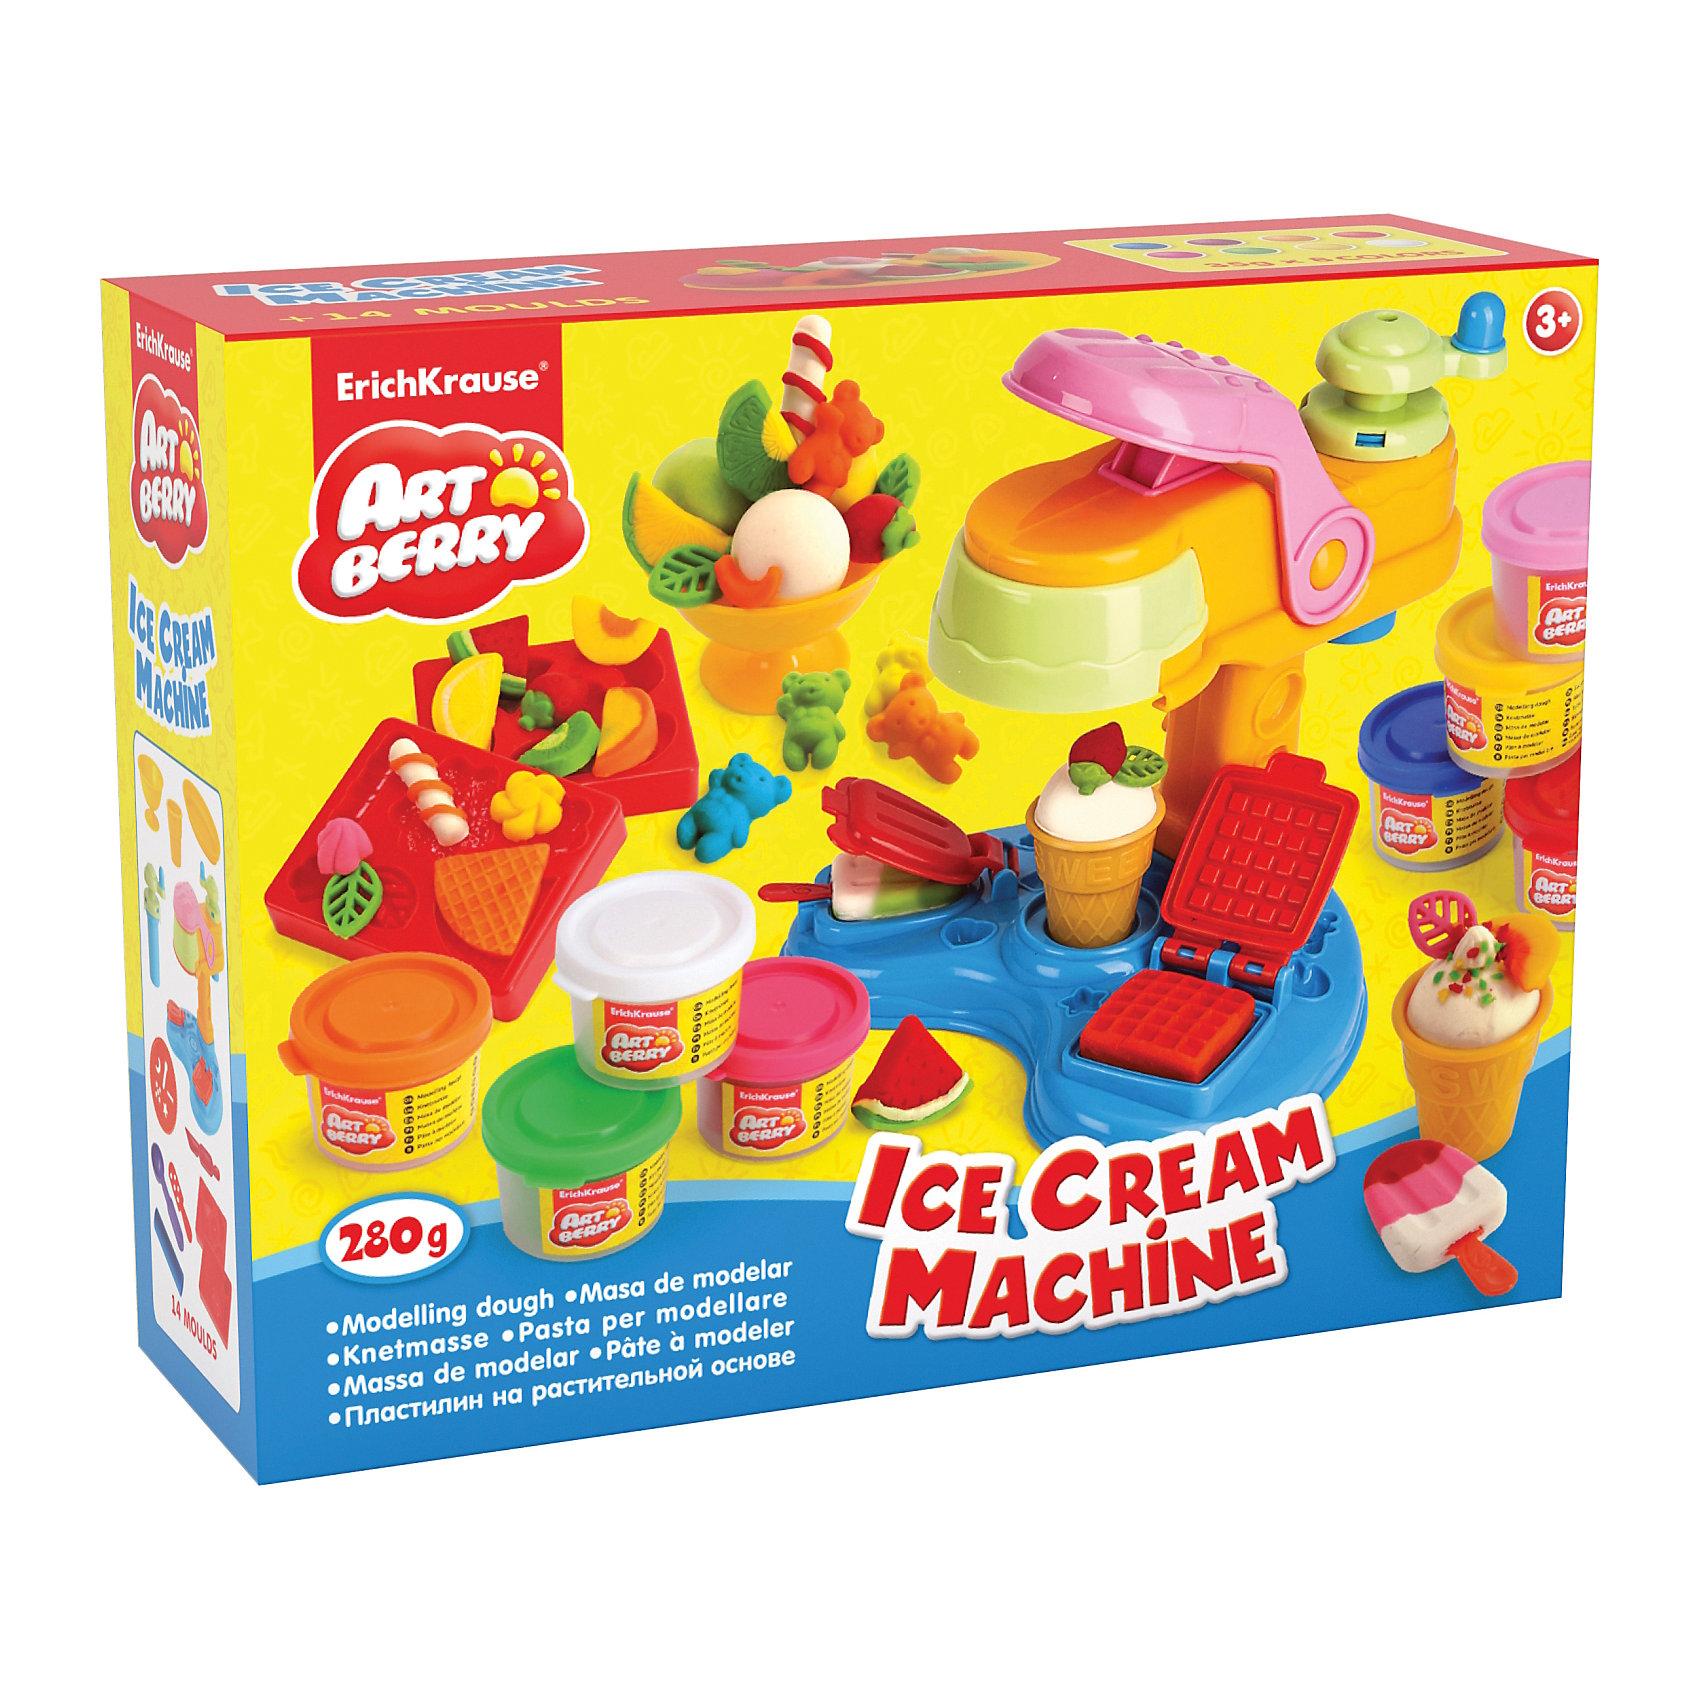 Набор для лепки: Пластилин на растительной основе Ice Cream Machine 8 цветов по 35гСостав: 8 цветов пластилина по 35 г + машина для мороженого, 2 формы-трафарета, 2 вафельных стаканчика, скалка, стек, 2 палочки, 2 тарелки, ложка, фигурная насадка, мельница. Упаковка: картонная коробка в термоплёнке<br><br>Ширина мм: 355<br>Глубина мм: 275<br>Высота мм: 117<br>Вес г: 1100<br>Возраст от месяцев: 60<br>Возраст до месяцев: 216<br>Пол: Унисекс<br>Возраст: Детский<br>SKU: 5409339